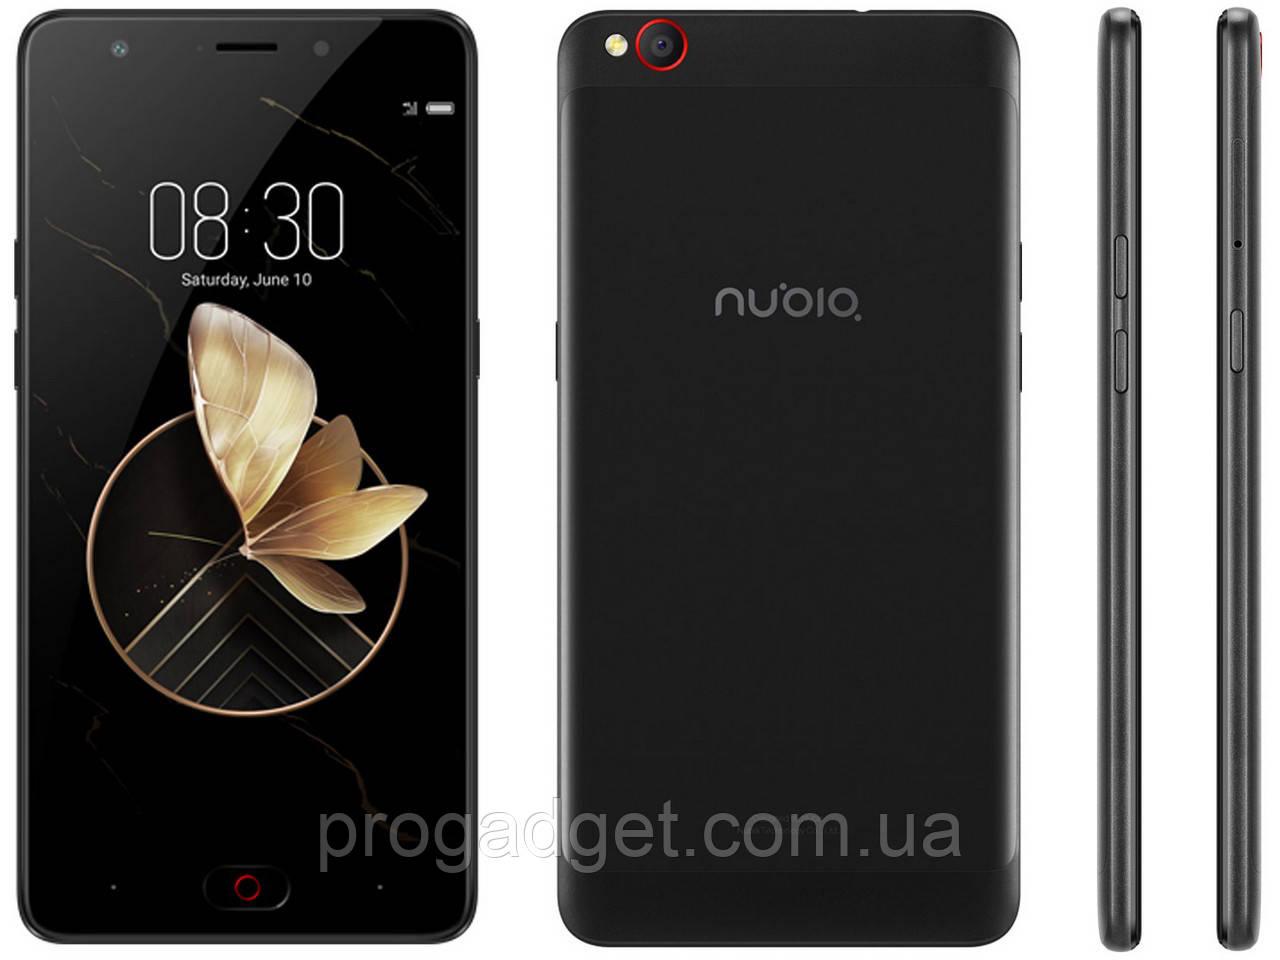 ZTE nubia M2 play NX907J 3/32 black (черный) Качественный смарт для тех кому надоели Xiaomi и Meizu!